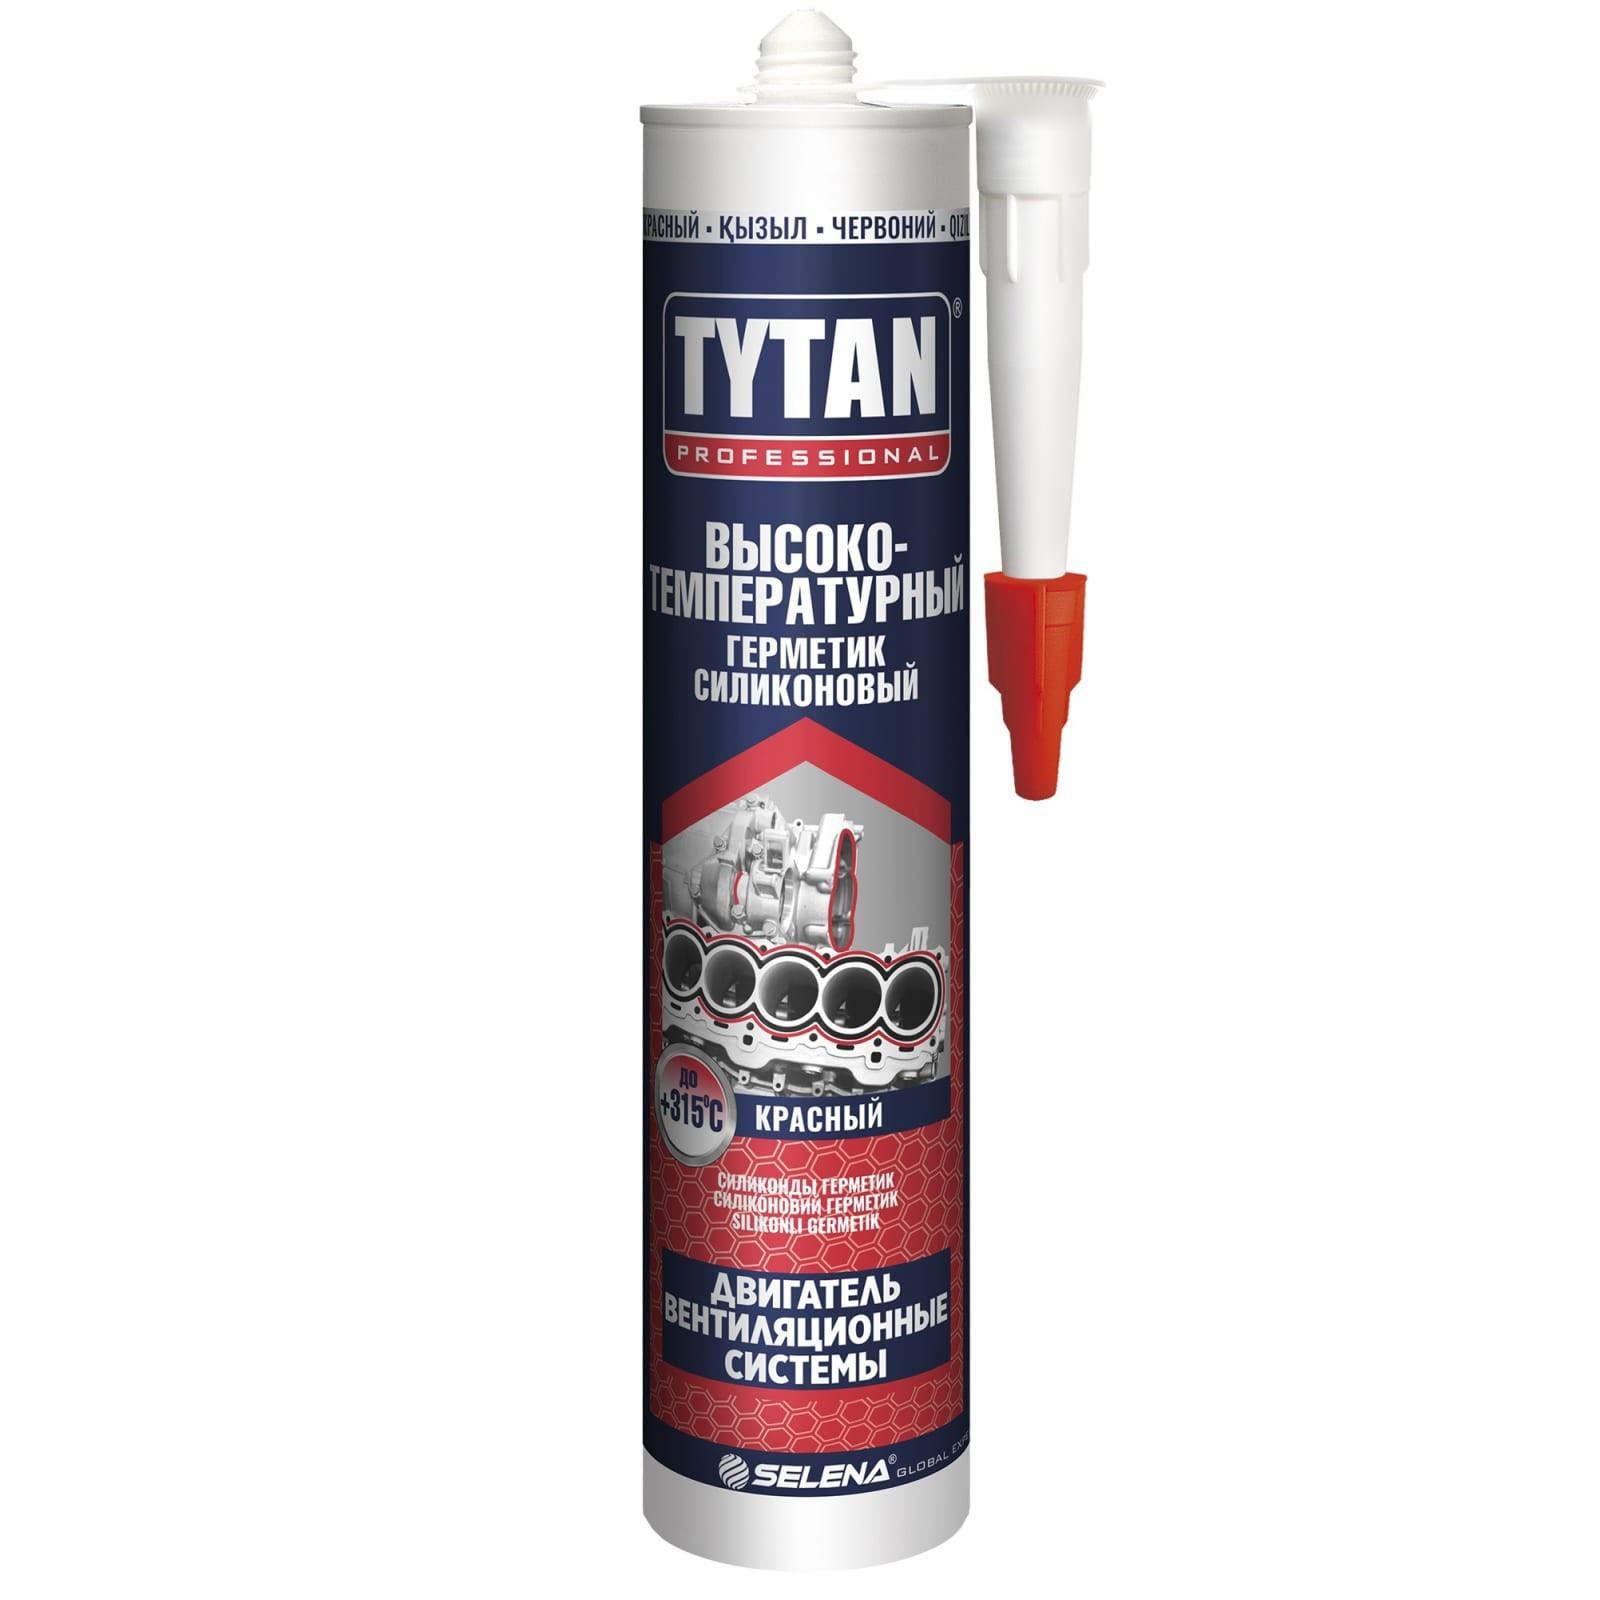 Герметик для дымохода tytan купить дымоход в черкассах